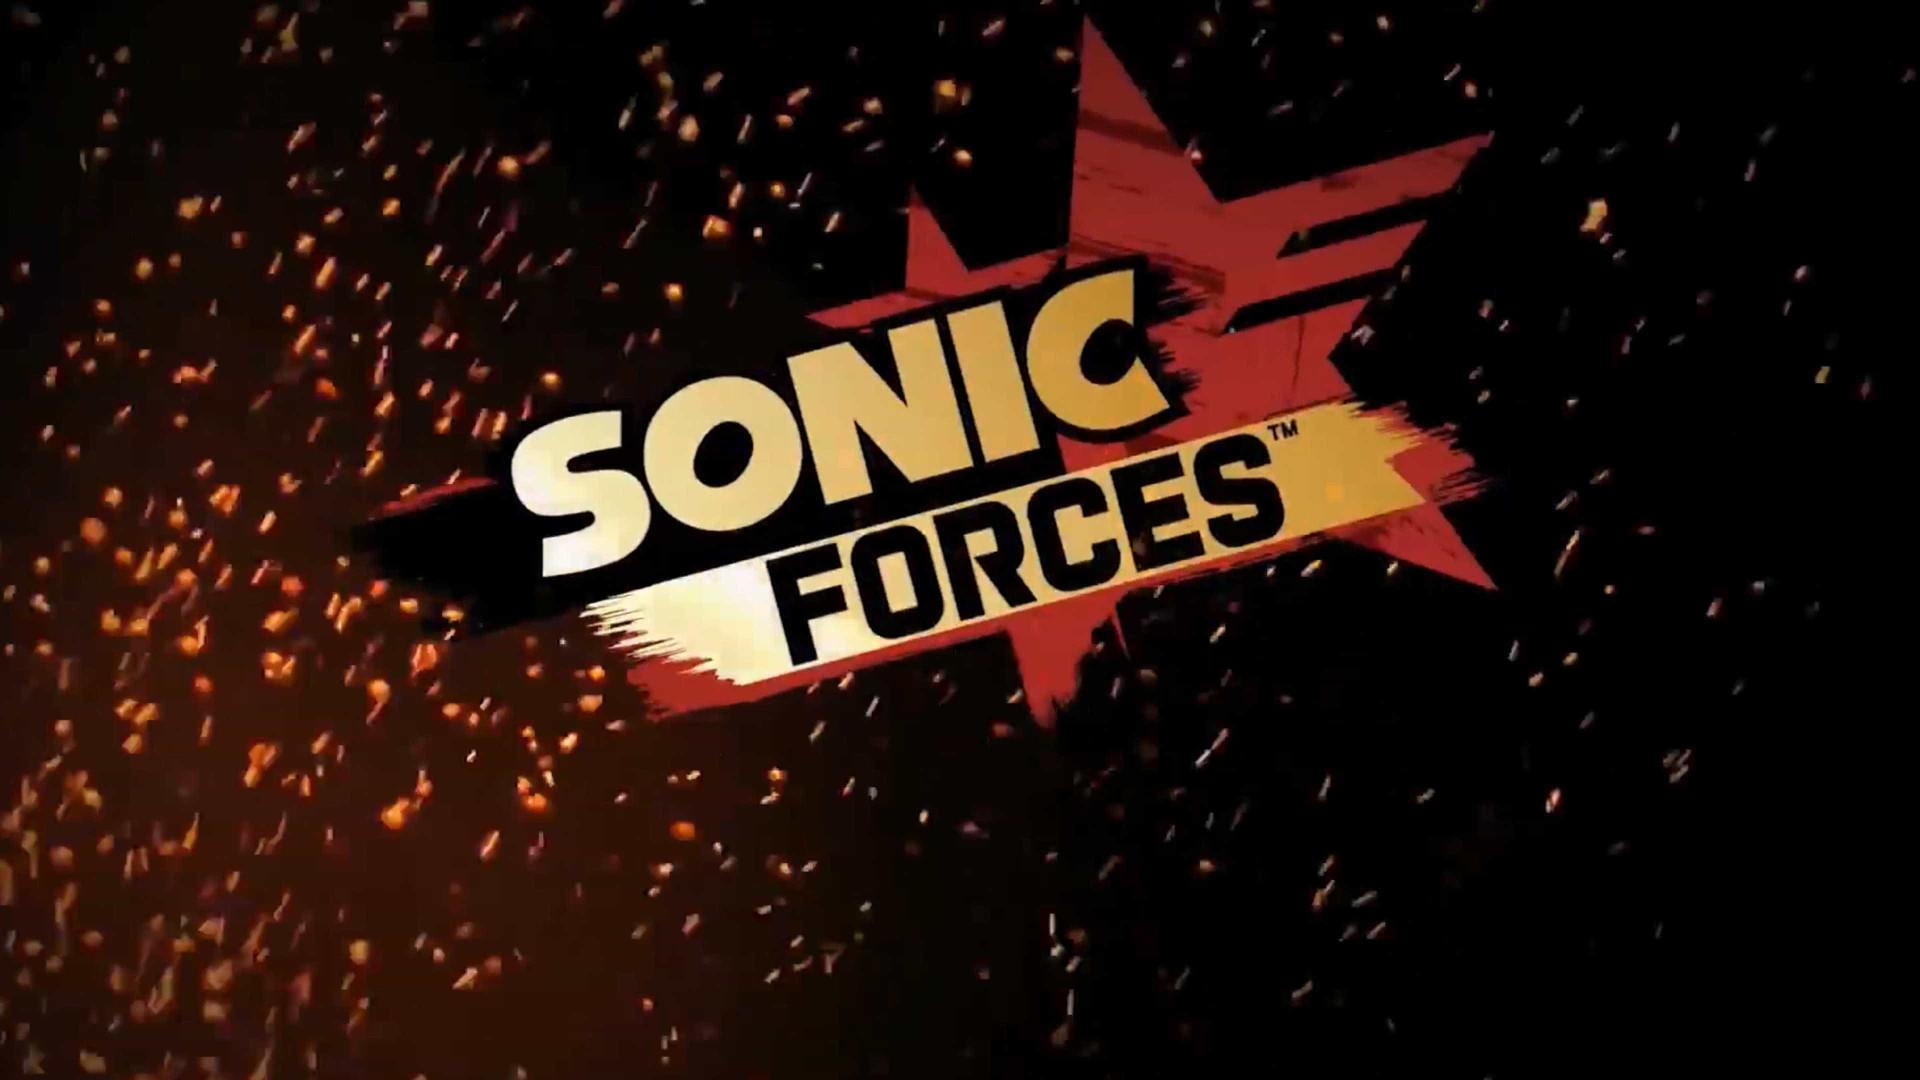 Sonic está de volta: assista ao primeiro gameplay!